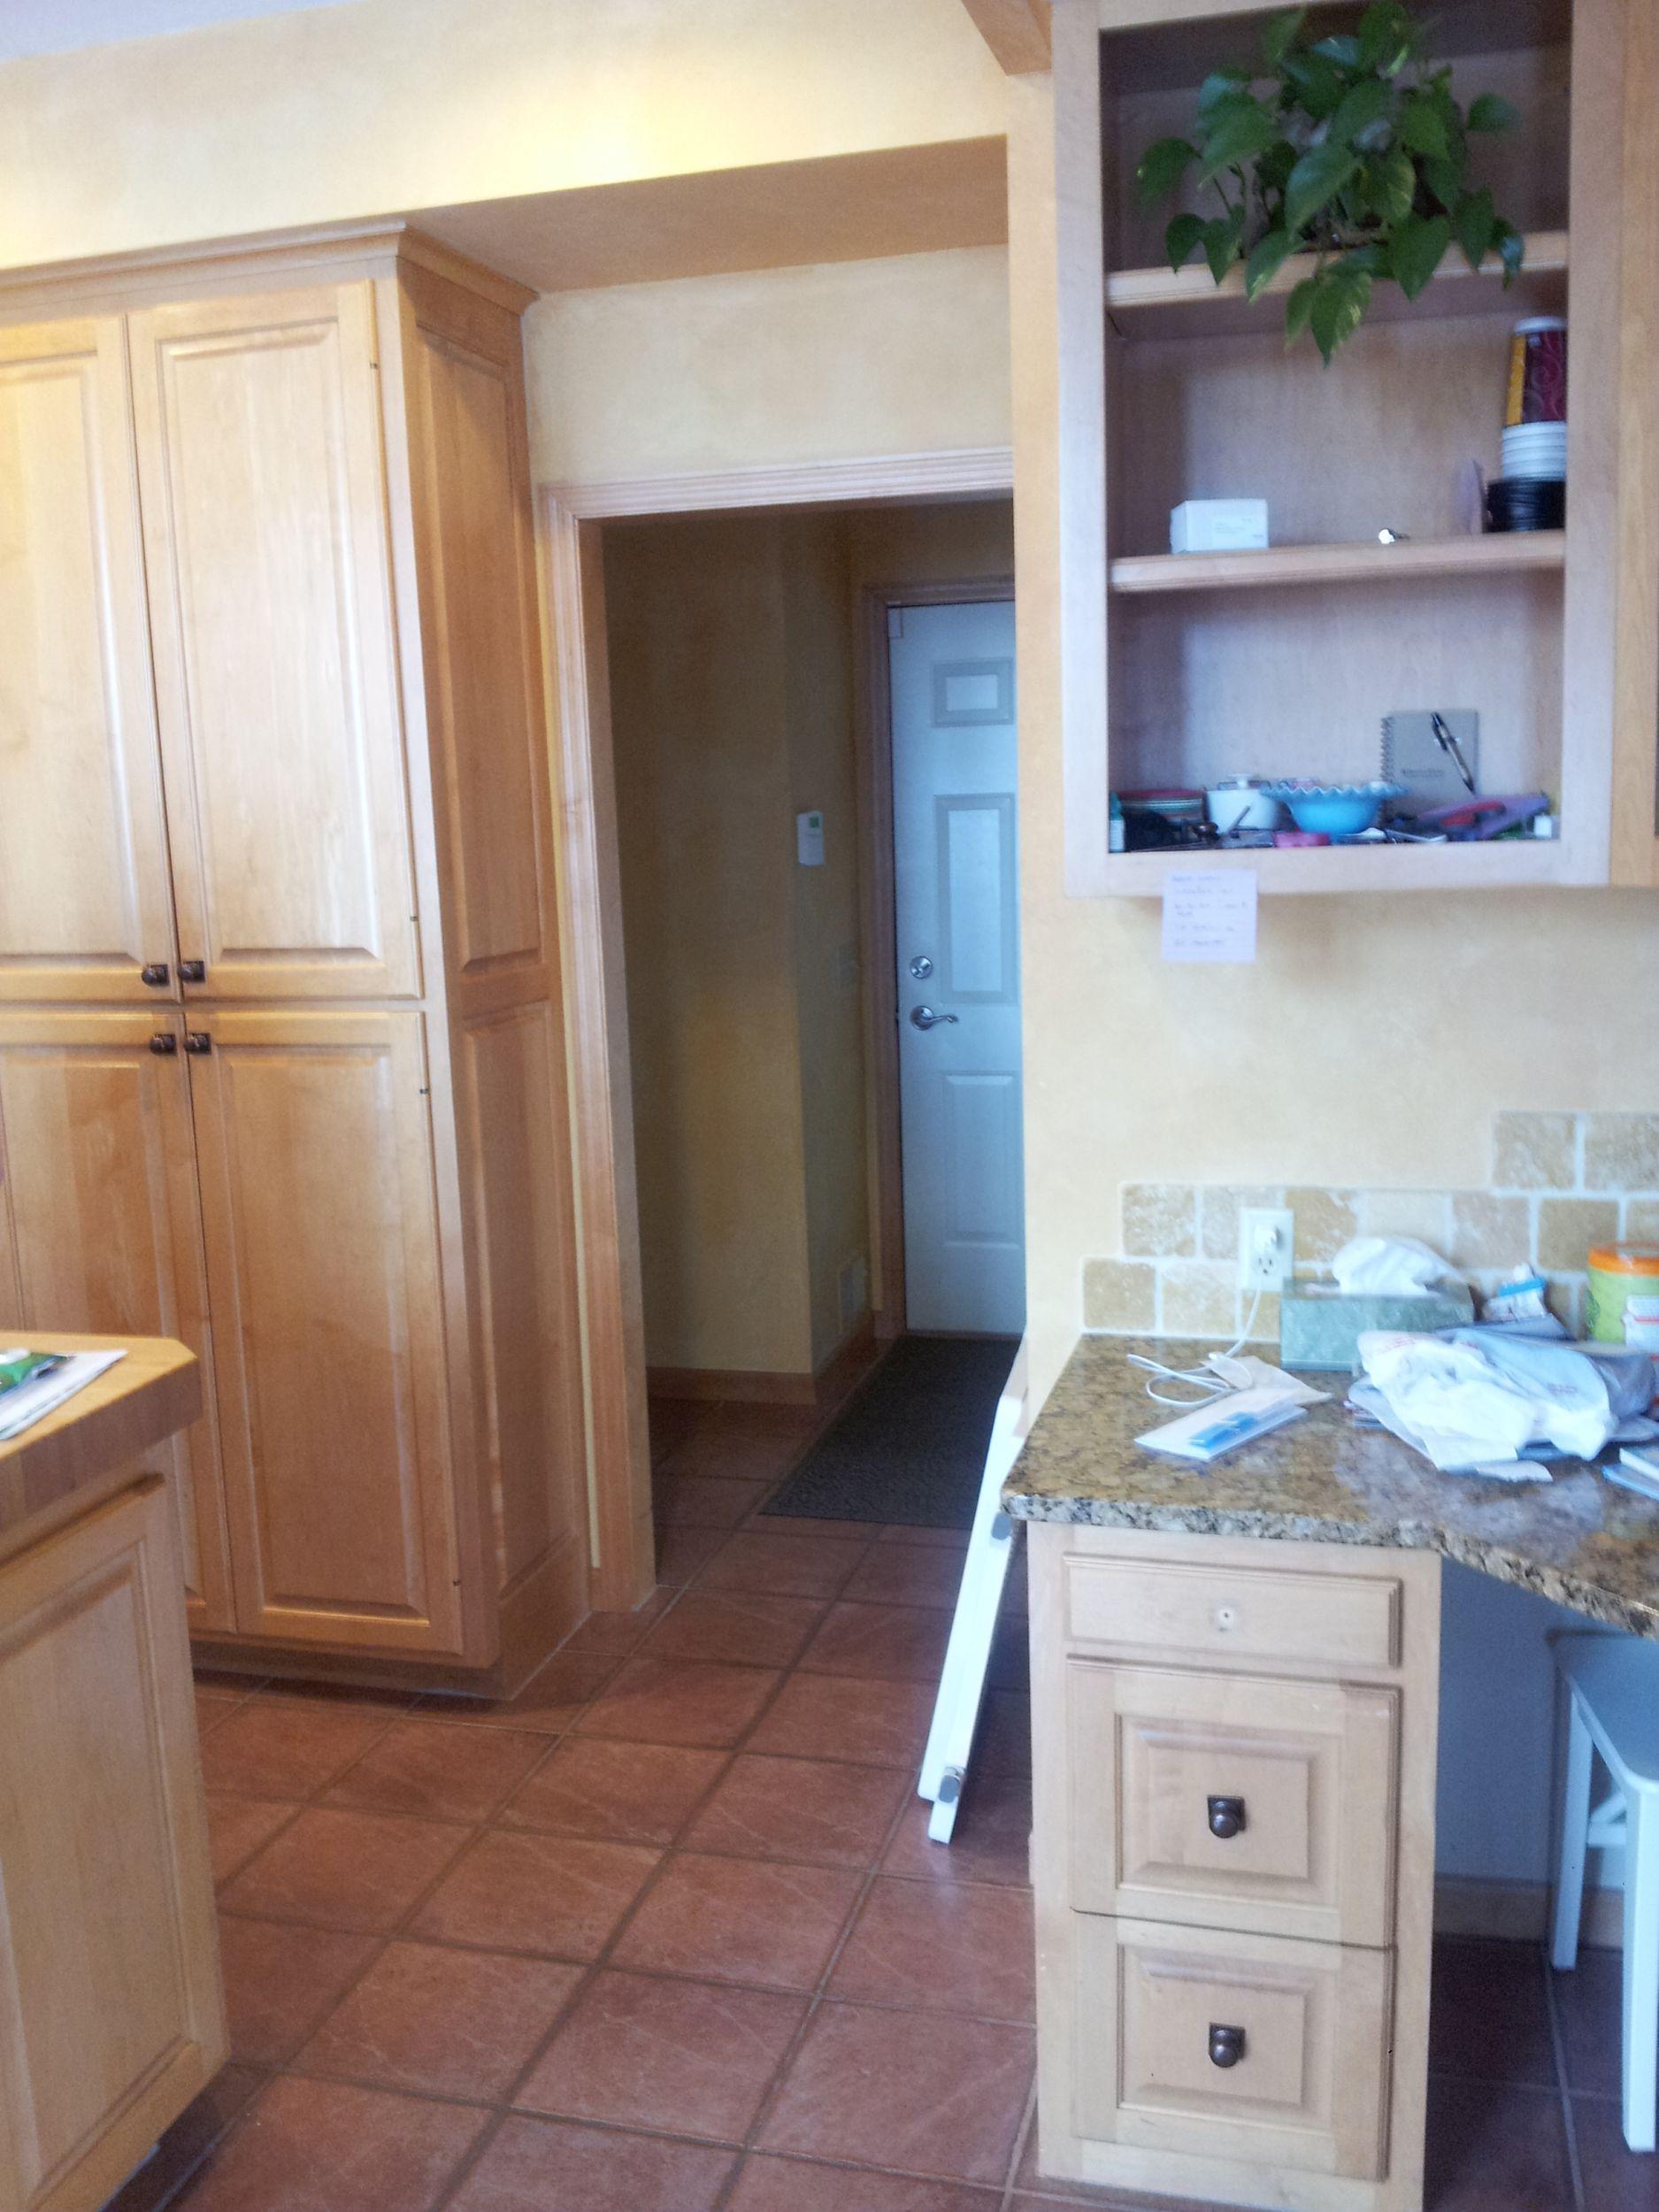 anderson-mcallister_kitchen_before_14.jpg